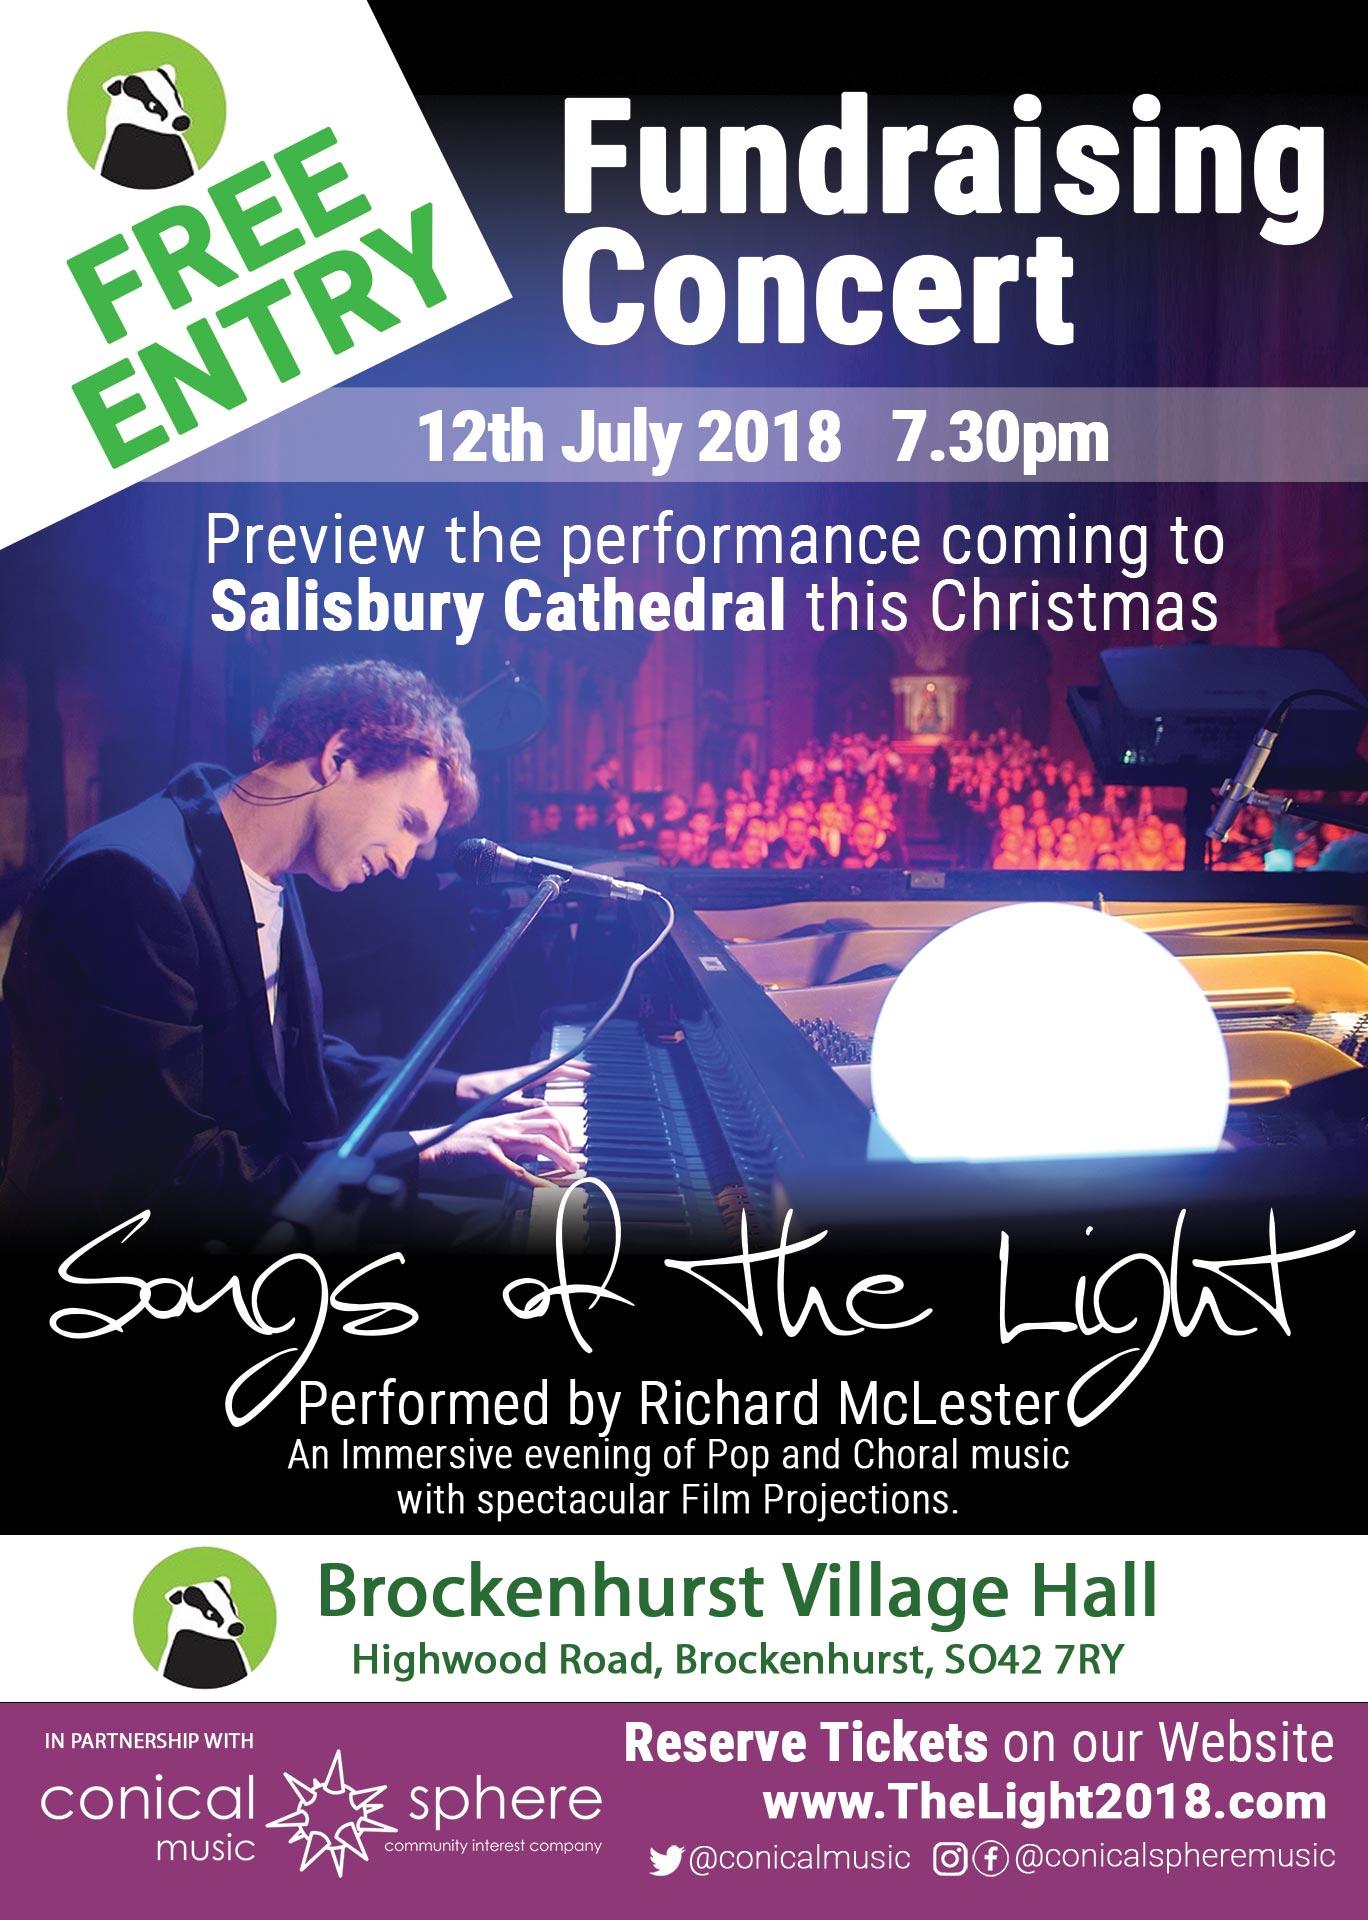 Fundraising Community Concert Brockenhurst Village Hall